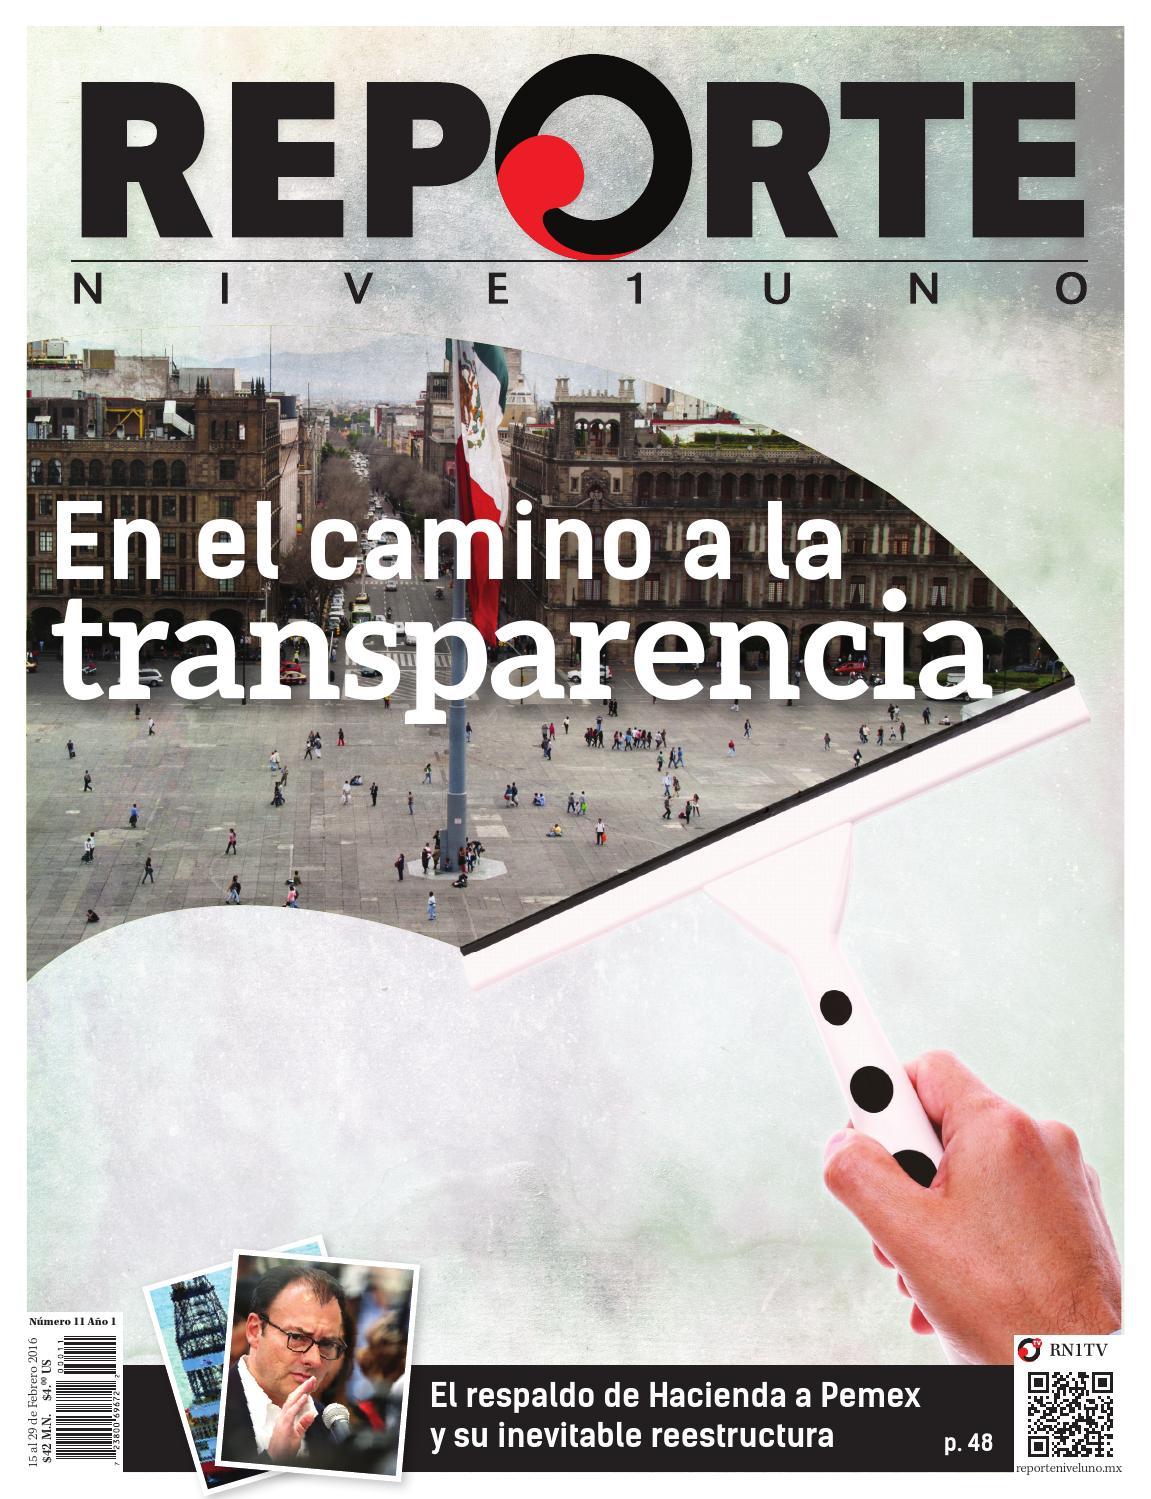 Reporte Nivel Uno - En el camino a la transparencia by Reporte Nivel ...